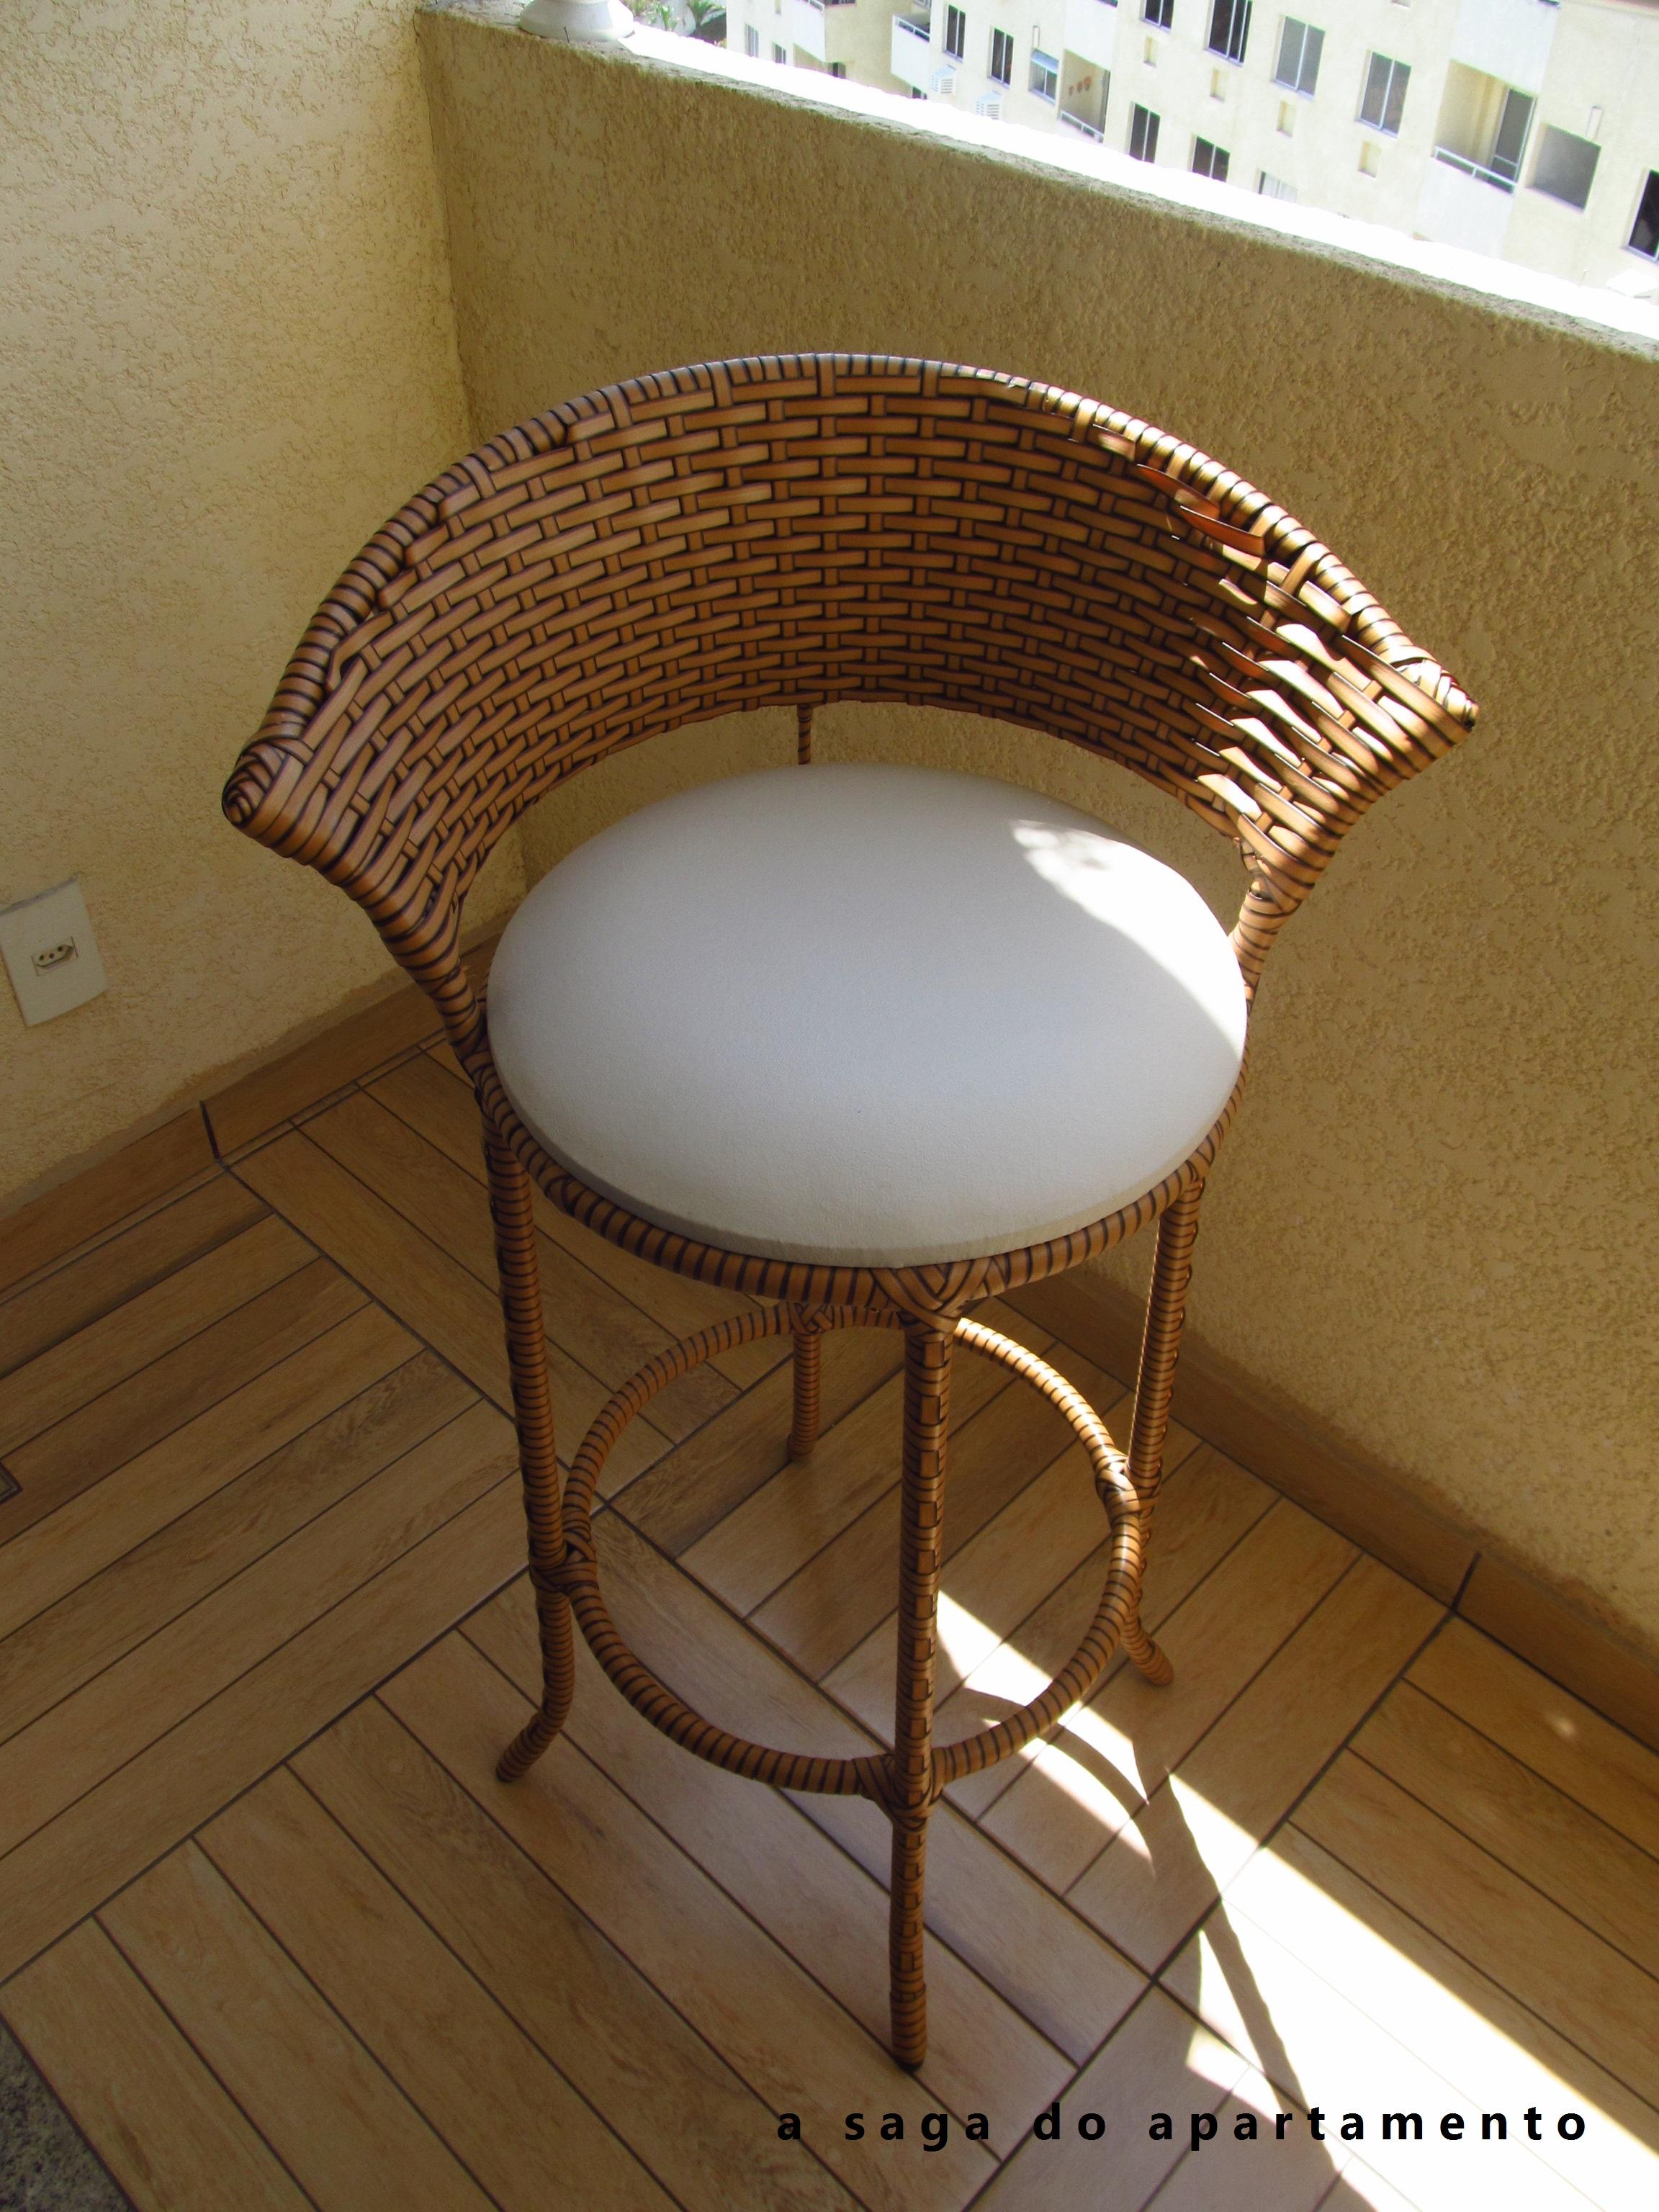 #442B17 banqueta é muito confortável e dá um ar ainda mais aconchegante  2304x3072 px Banquetas Para Cozinha Americana Em Madeira_2797 Imagens